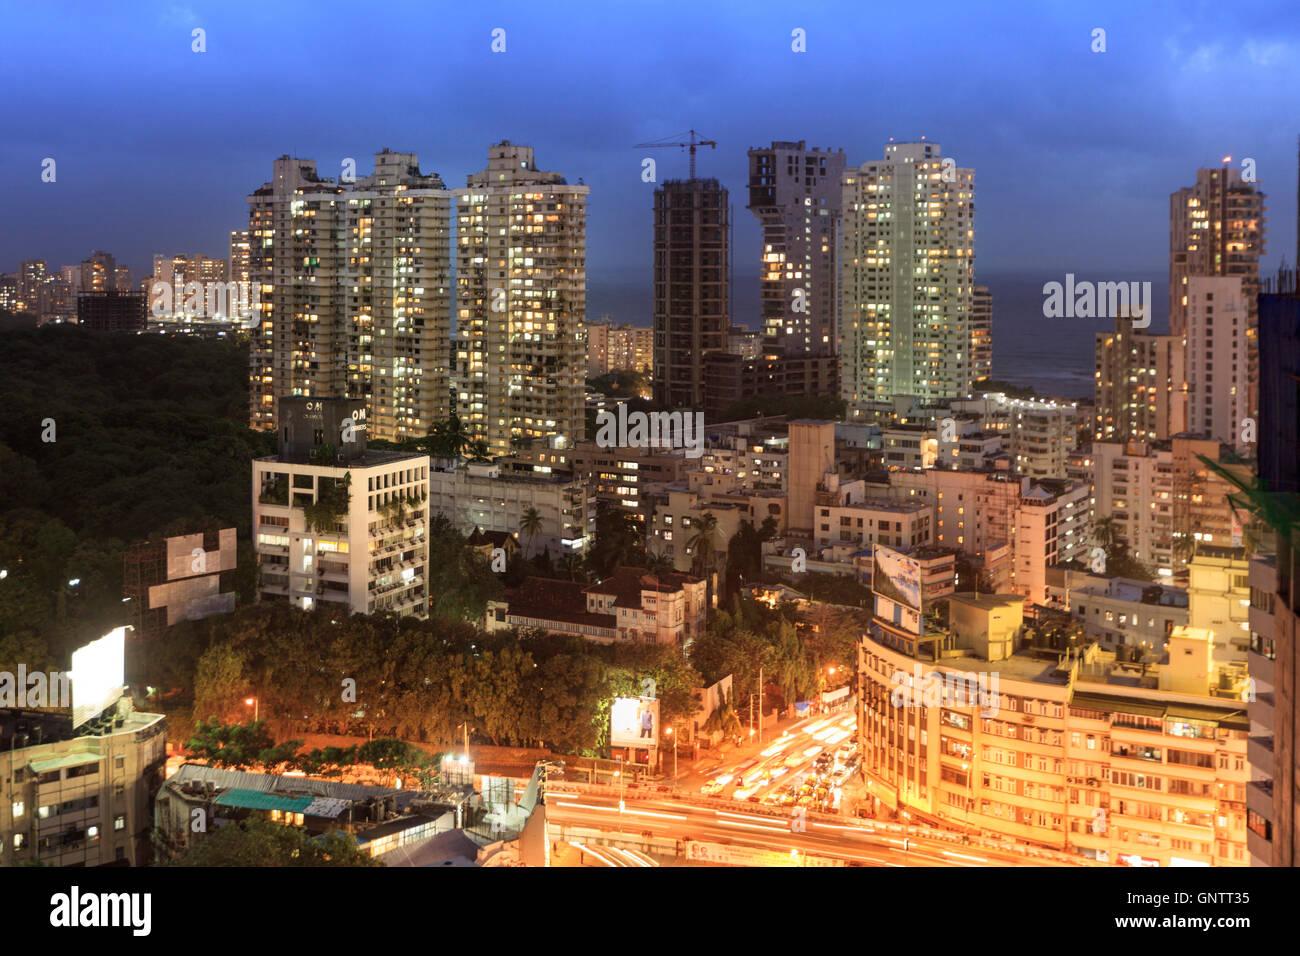 El tráfico en el centro de la ciudad de Bombay y el Bayside distrito centro alrededor de Malabar Hills disparado Imagen De Stock